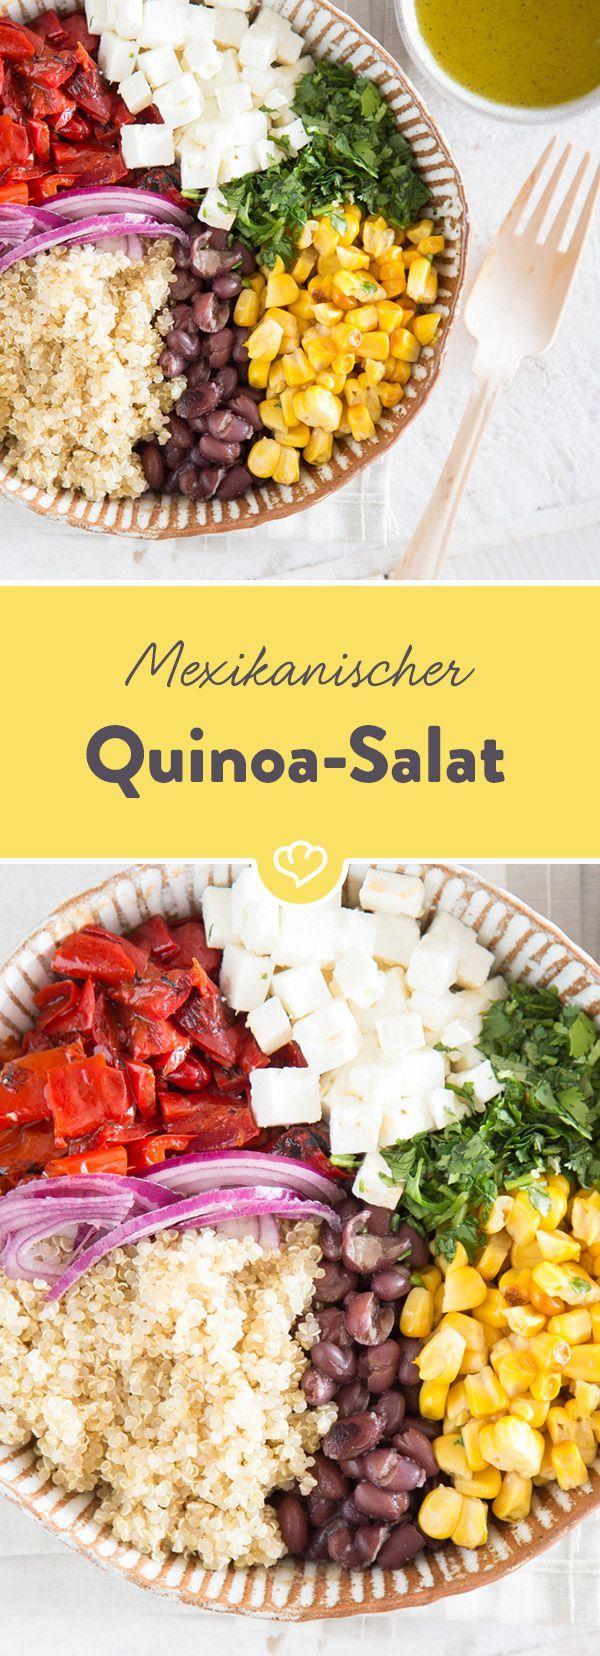 Viva la mexico! Quinoa-Salat mit gegrilltem Mais -  Von wegen Enchiladas und Tortillas – gegrillt